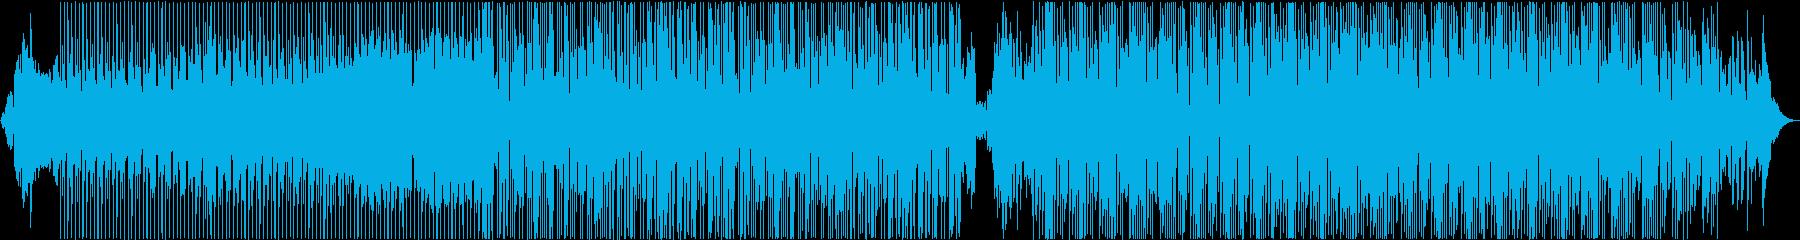 ファンキーでノリのいいダンスBGMの再生済みの波形